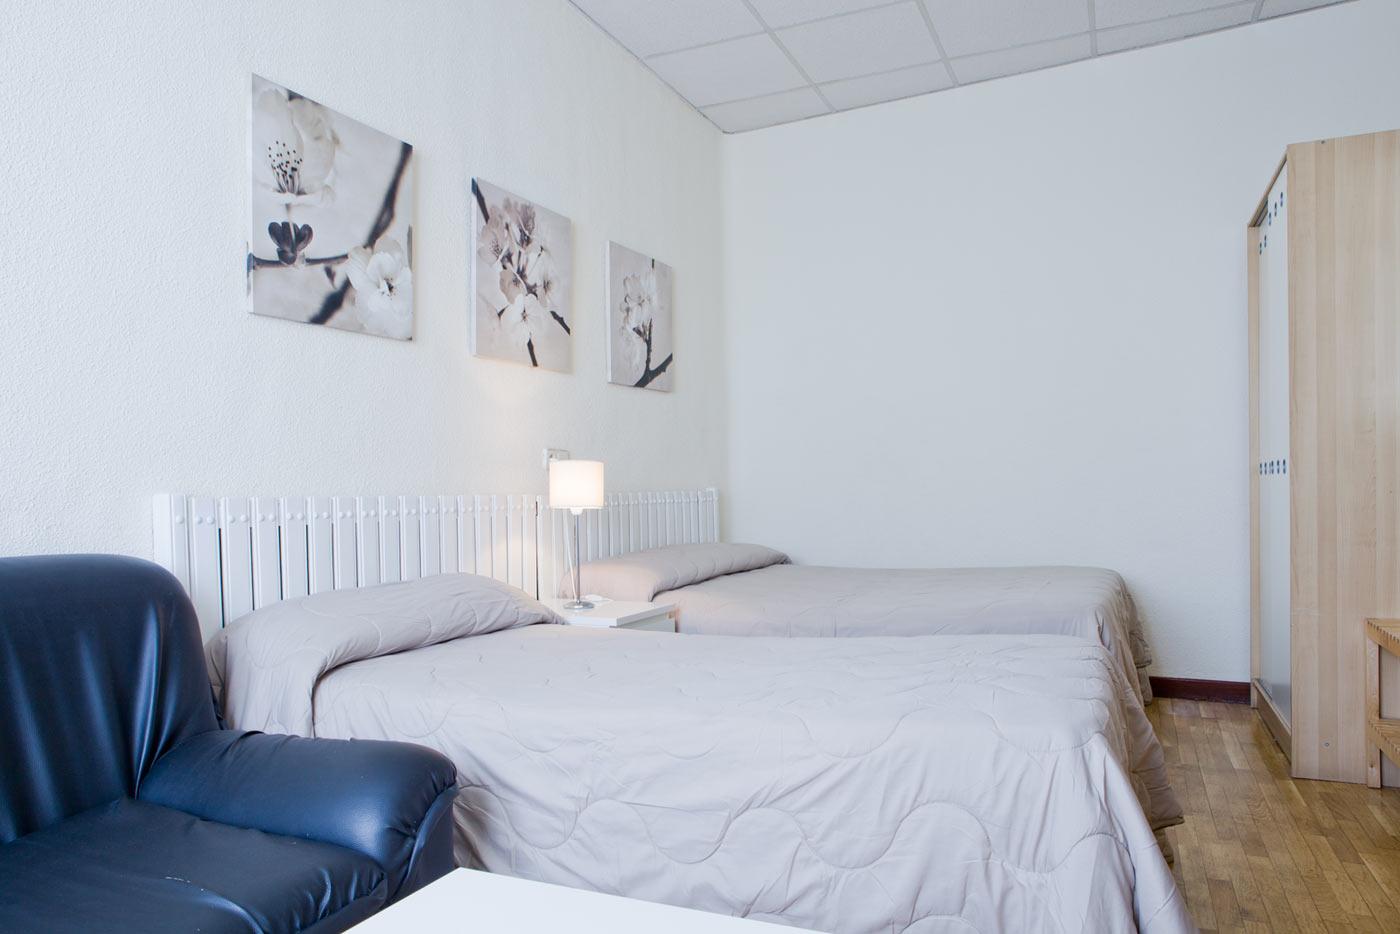 habitaciones_galeria_triple01